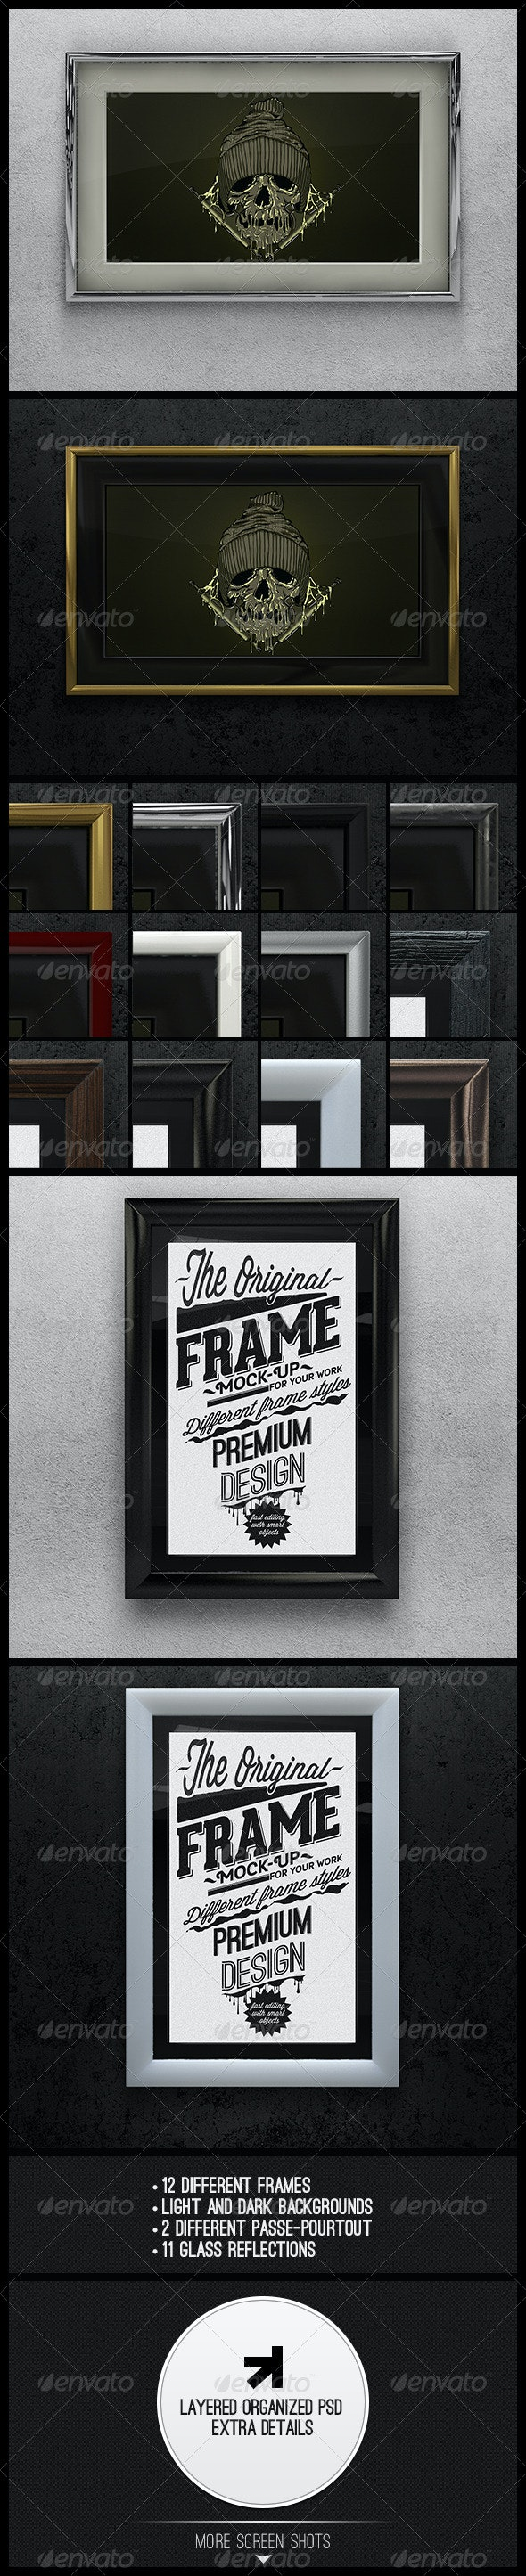 Artwork Frame Mock-up - Product Mock-Ups Graphics